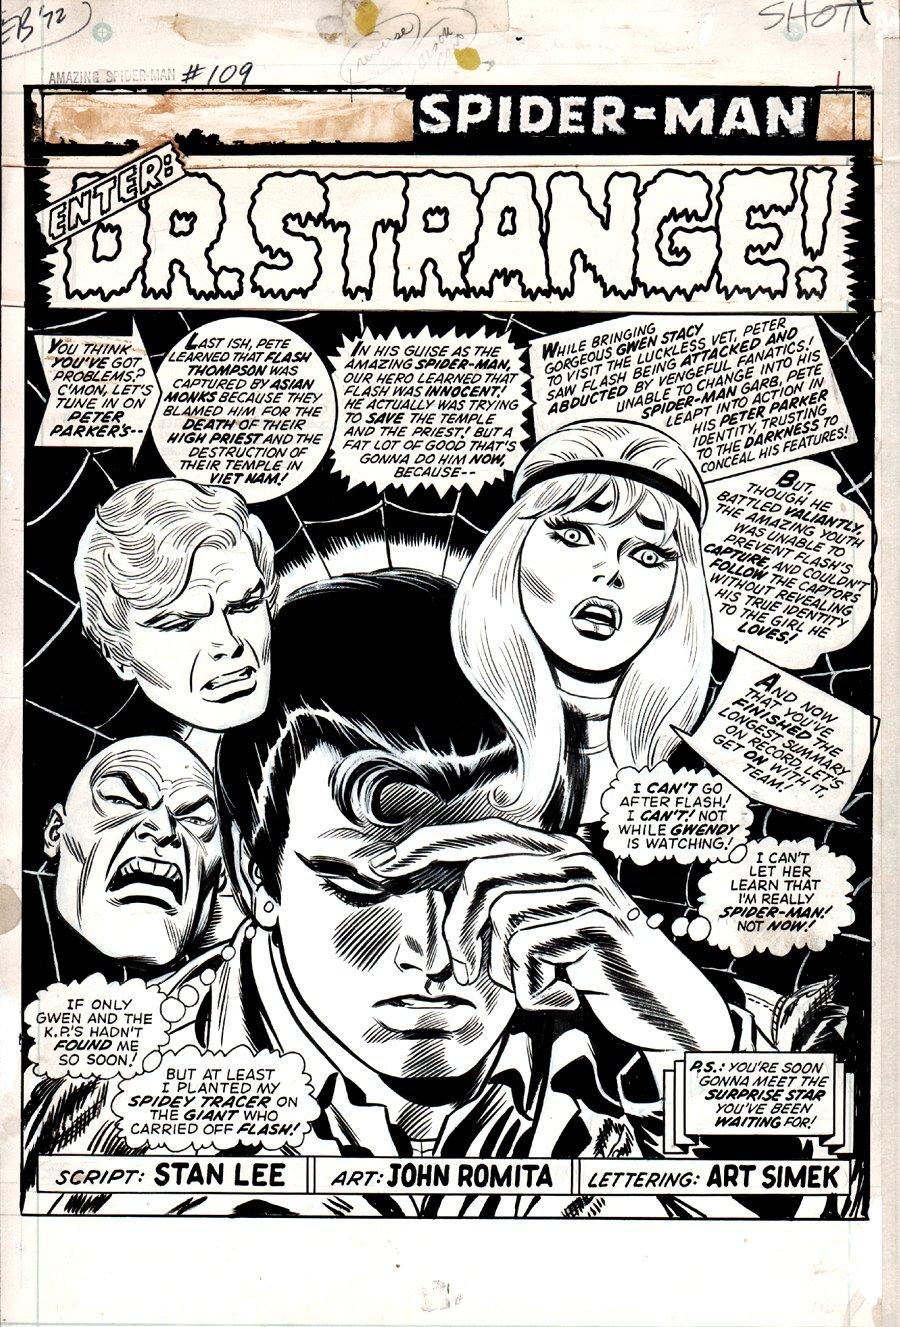 Amazing Spider-Man #109 p 1 SPLASH 1972 SOLD SOLD SOLD!